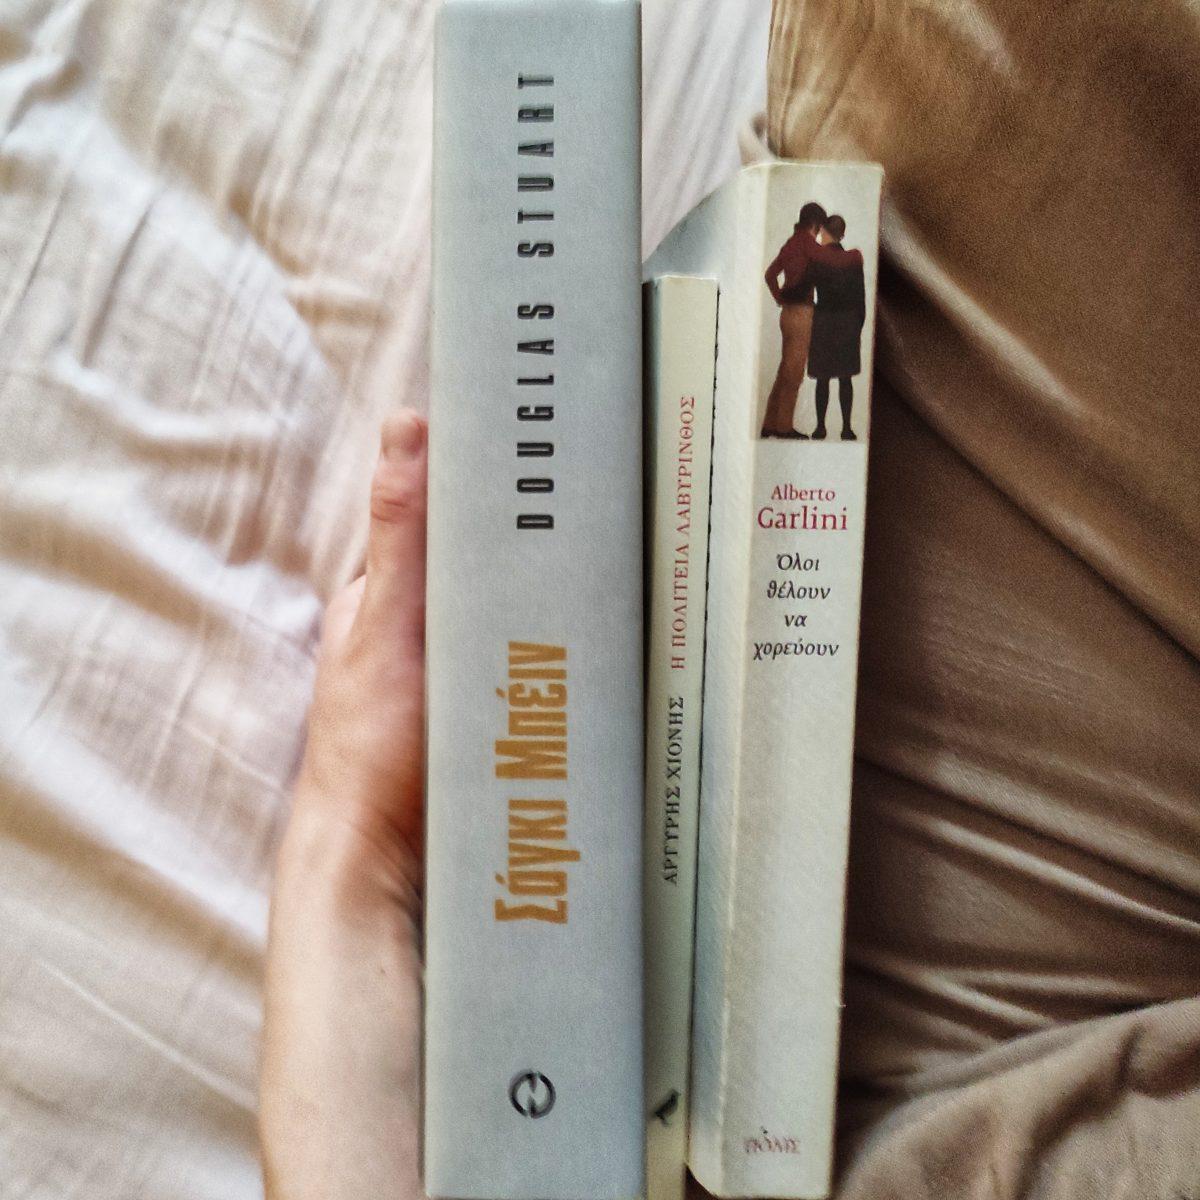 Καλοκαίρι.                                   Τα βιβλία του Ιουλίου.